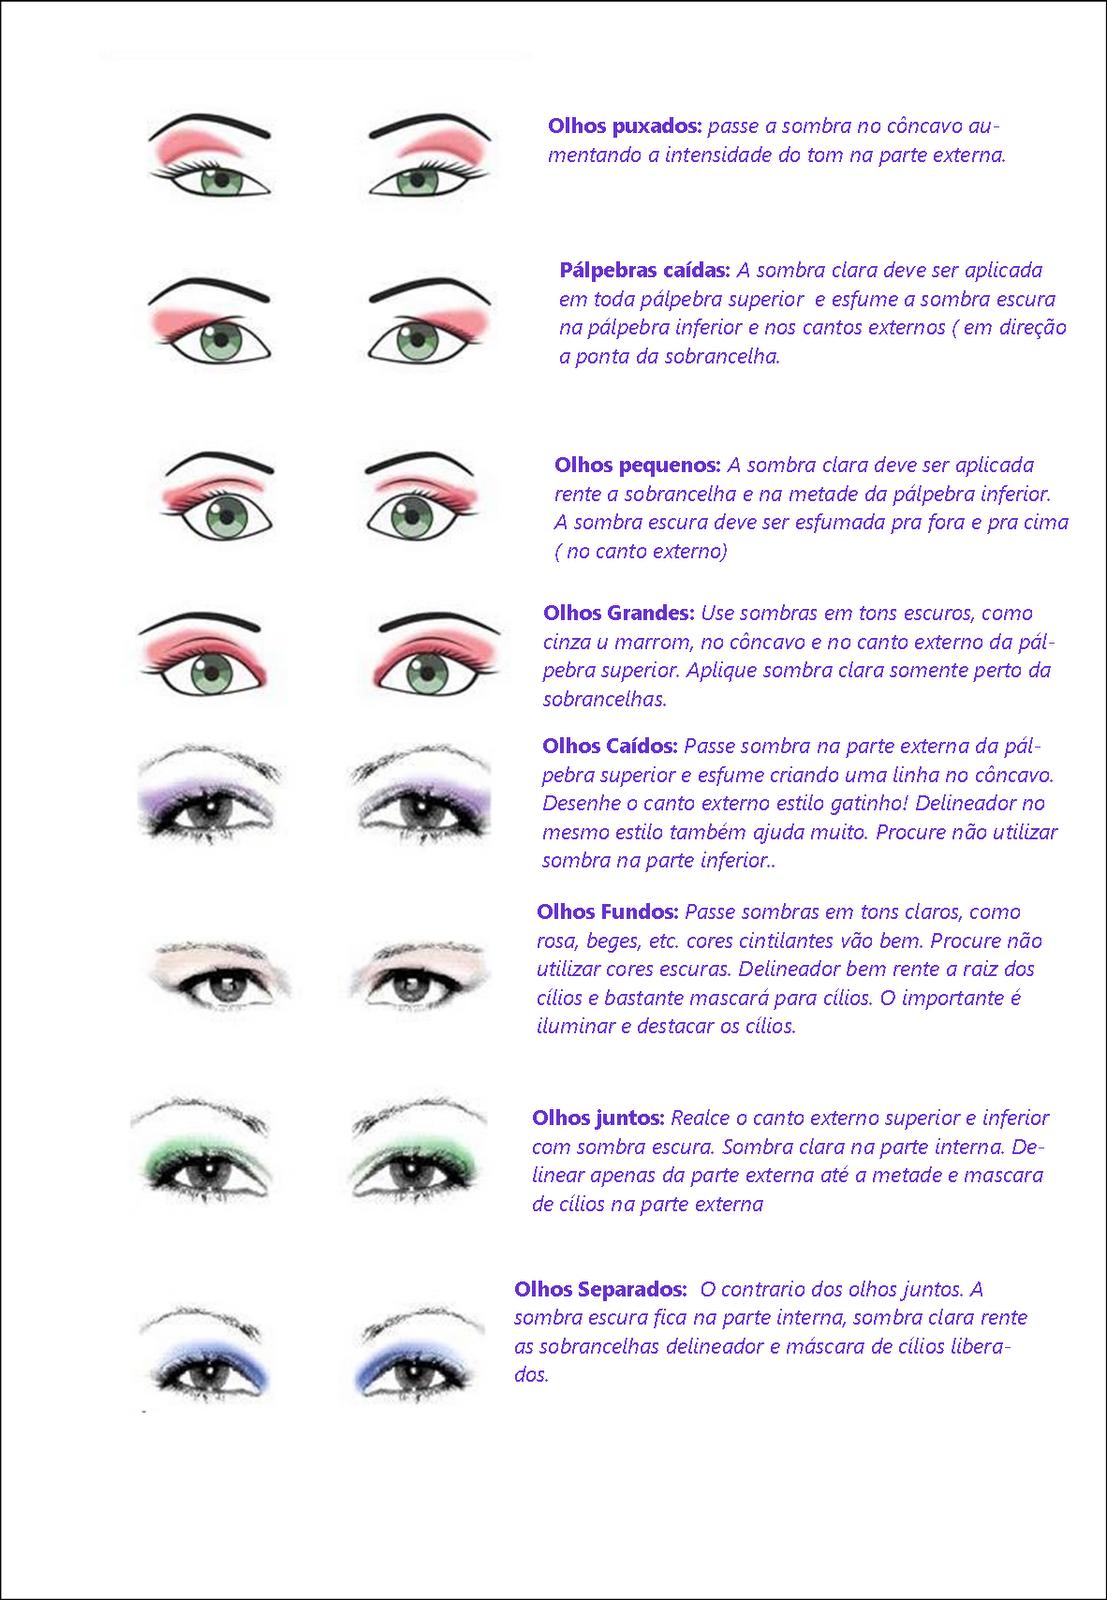 Como rejuvenescer a pele em volta de olhos durante 45 anos